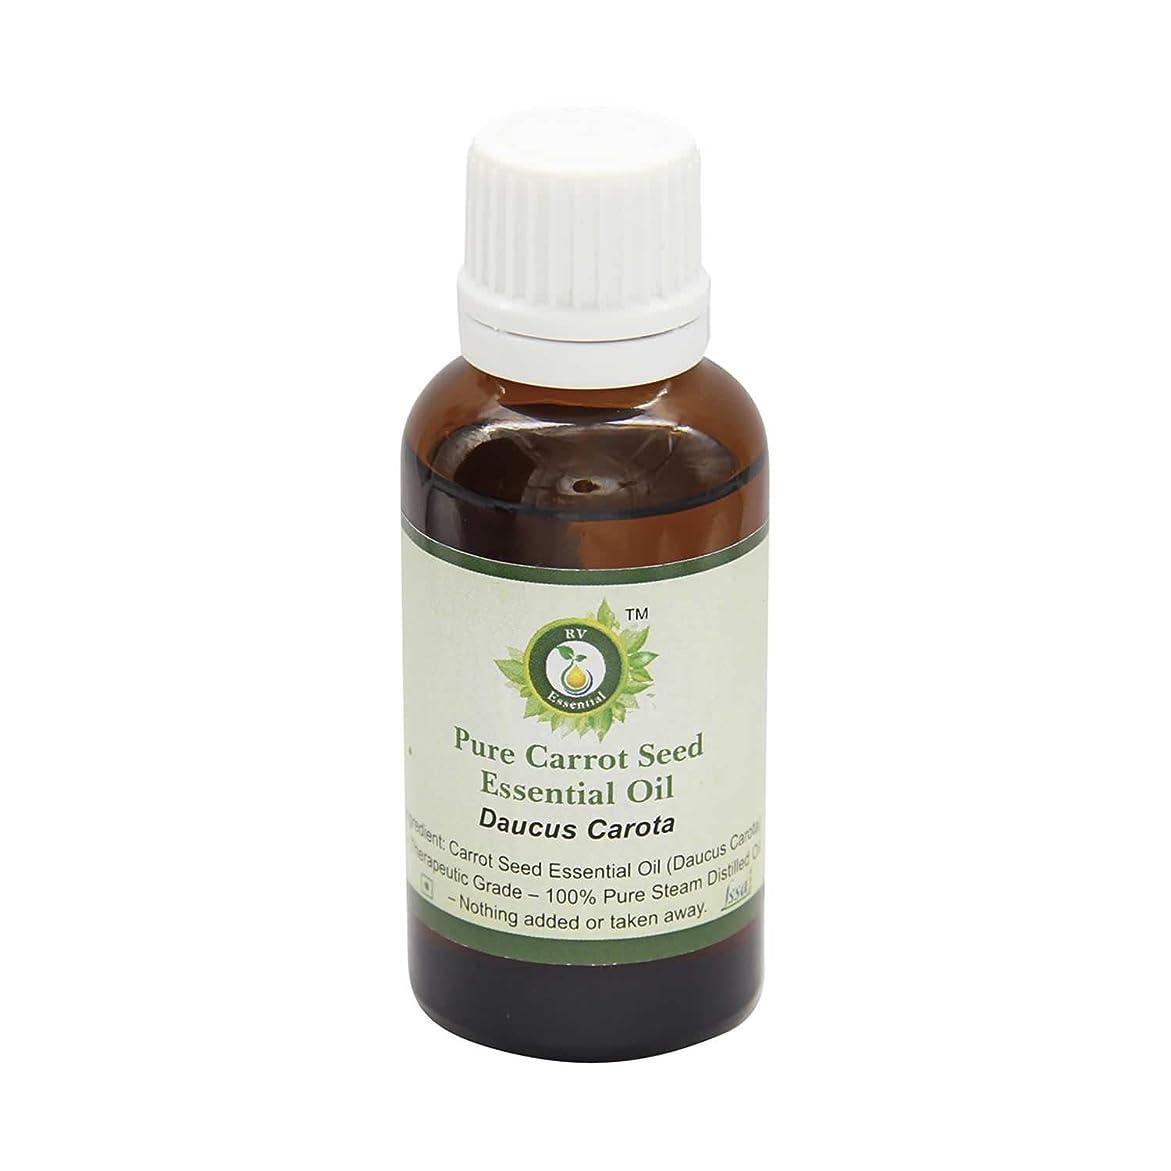 技術者マラソンコンチネンタルR V Essential ピュアキャロットシードエッセンシャルオイル30ml (1.01oz)- Daucus Carota (100%純粋&天然スチームDistilled) Pure Carrot Seed Essential Oil